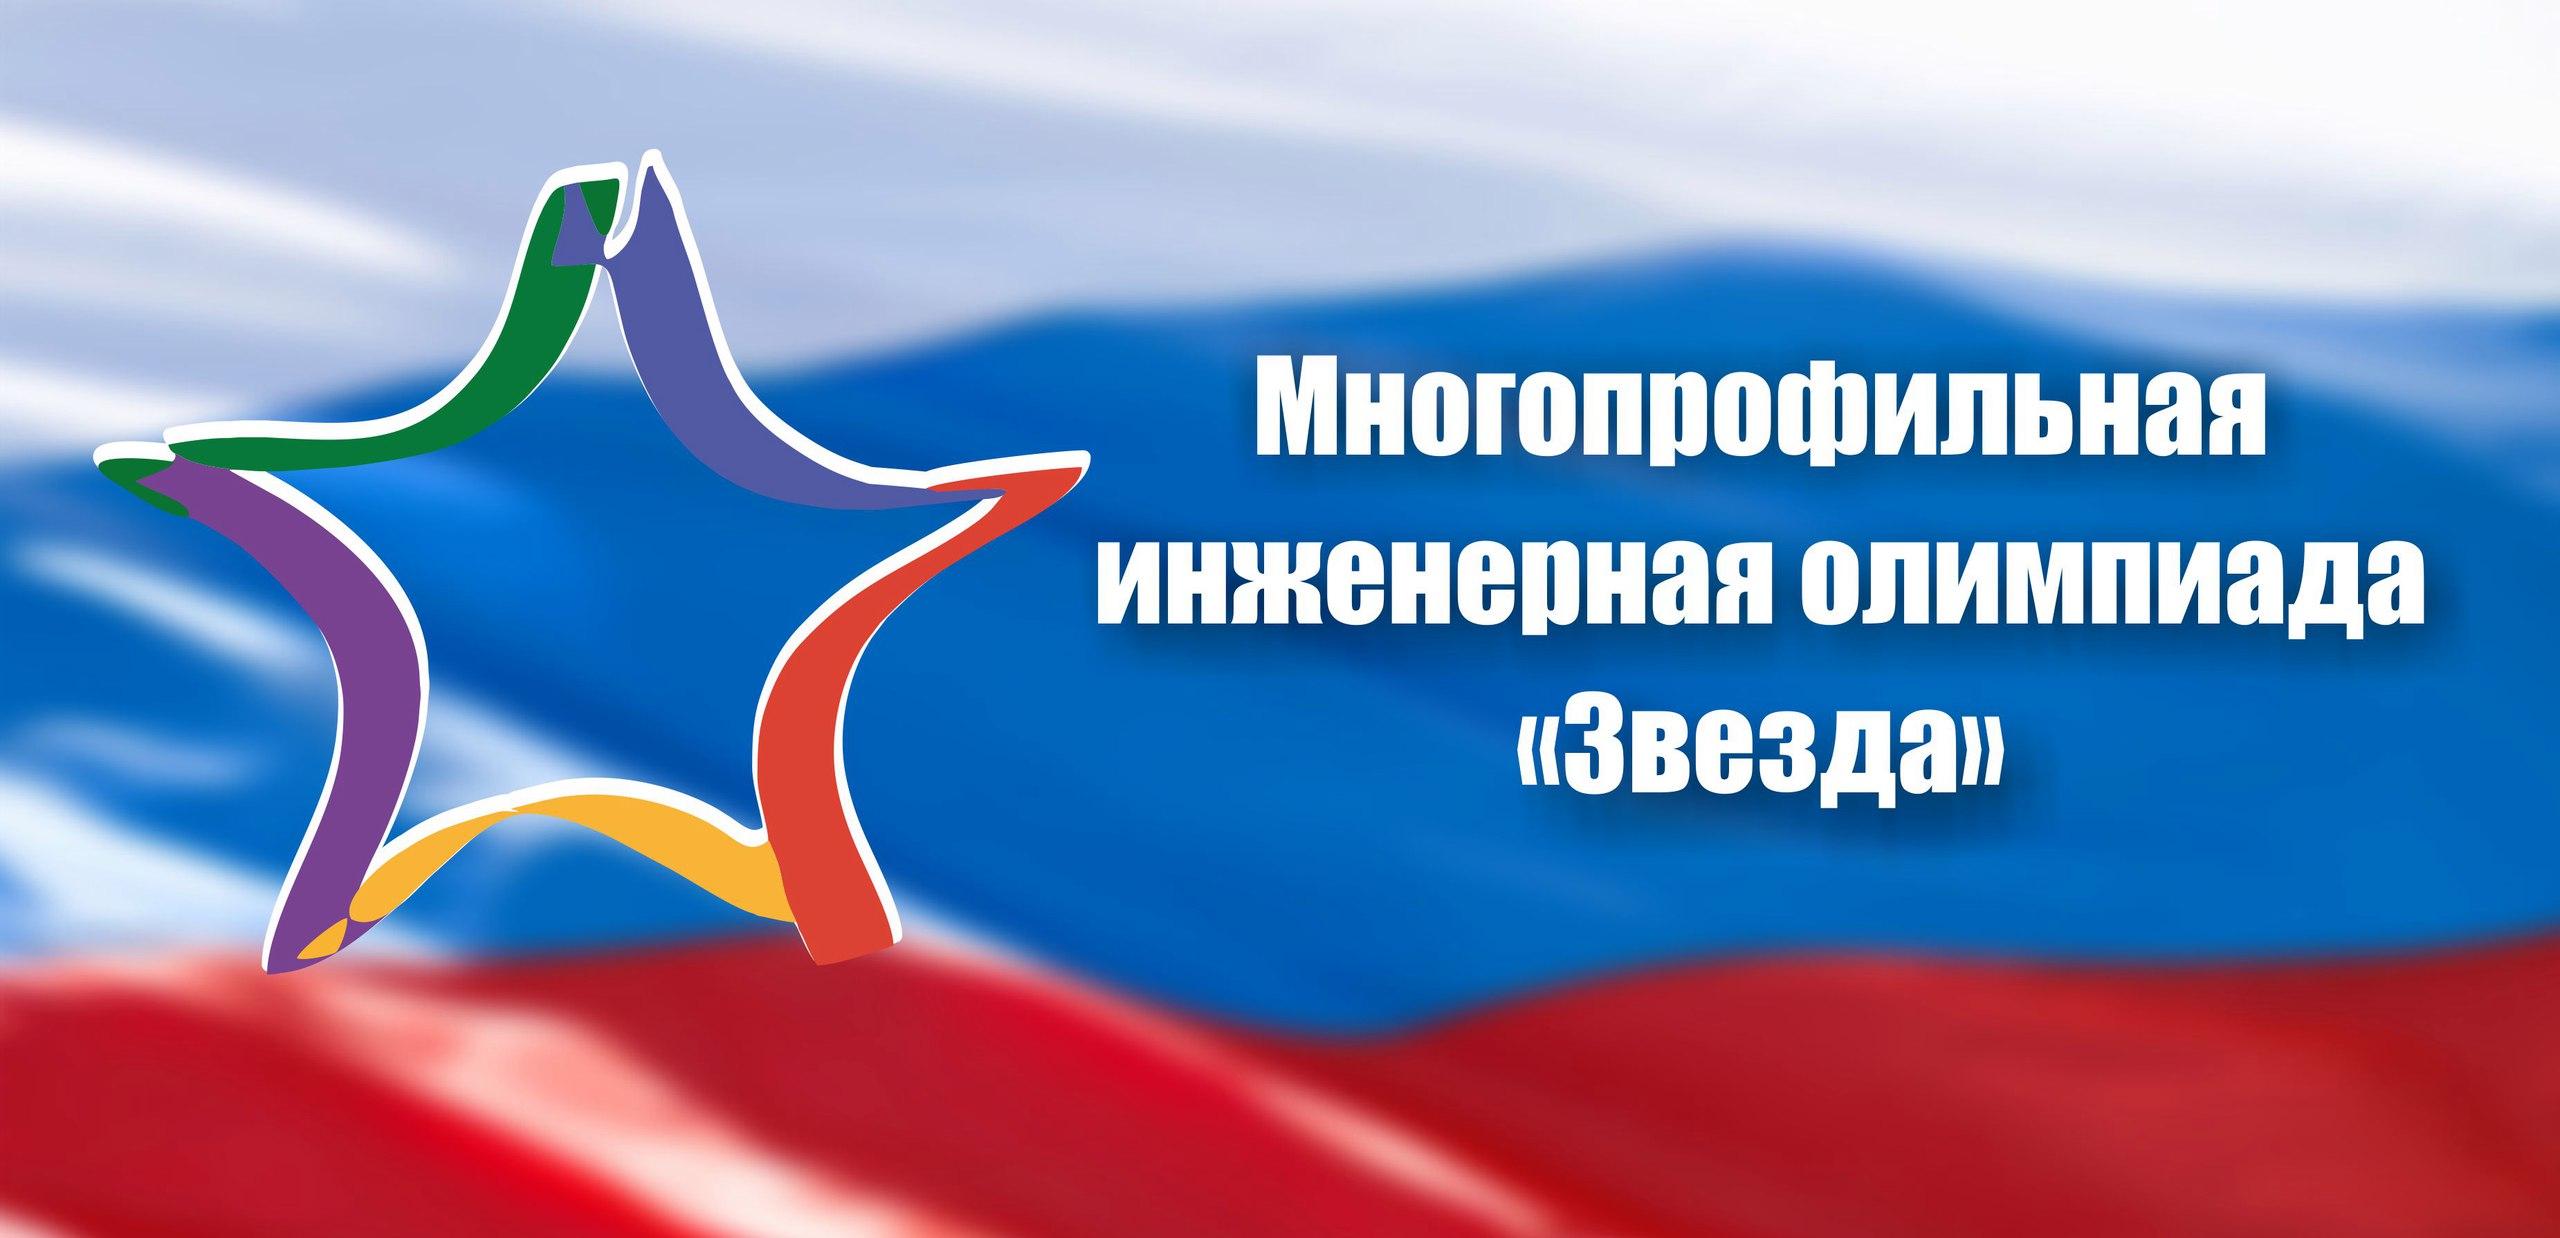 Старшеклассникам Тверской области предлагают стать участниками всероссийской инженерной олимпиады